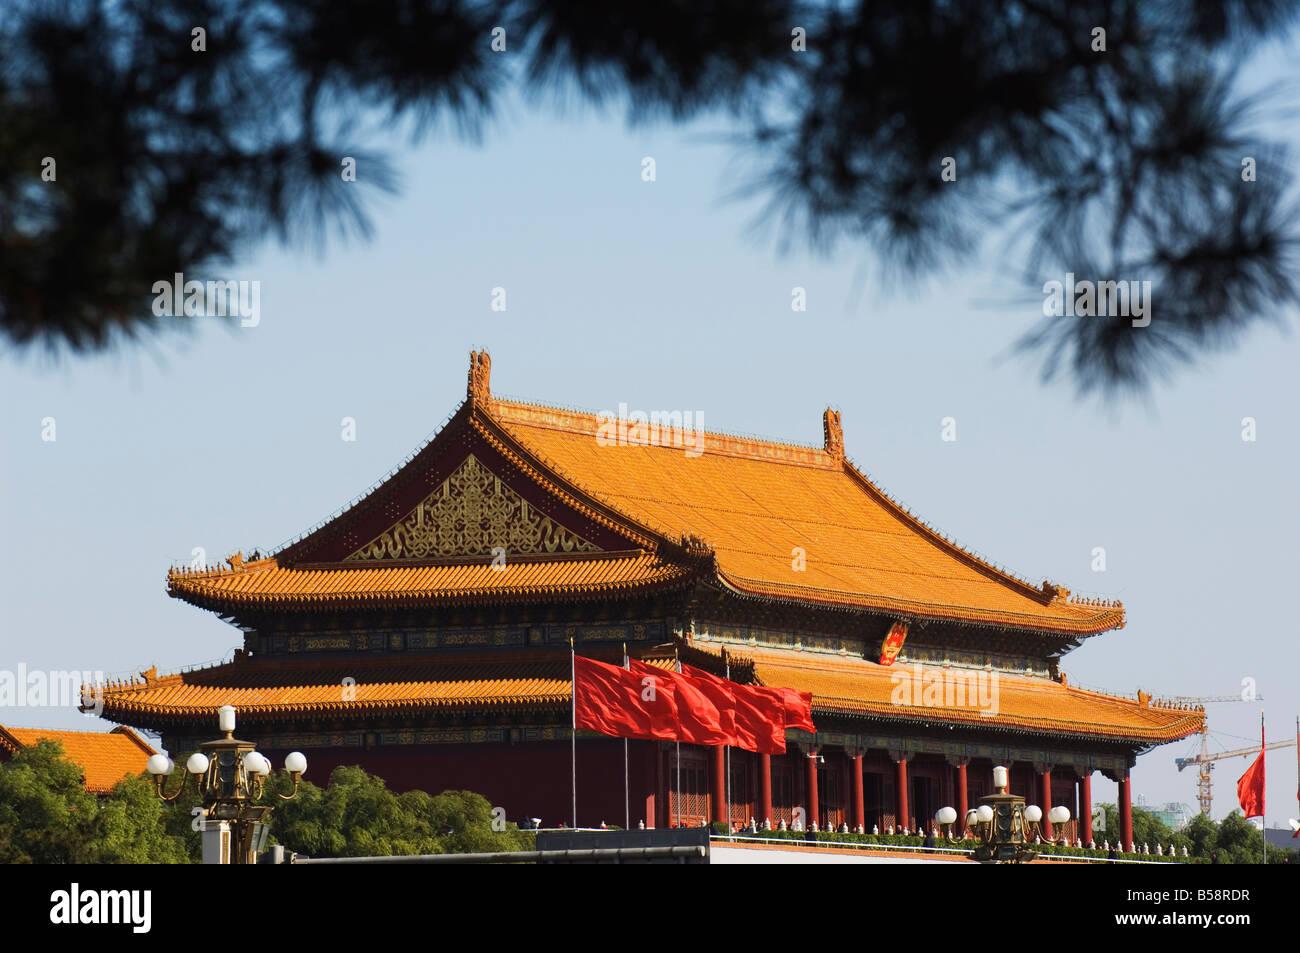 Porte de la paix céleste de la Cité Interdite Palace Museum, Beijing, Chine Photo Stock